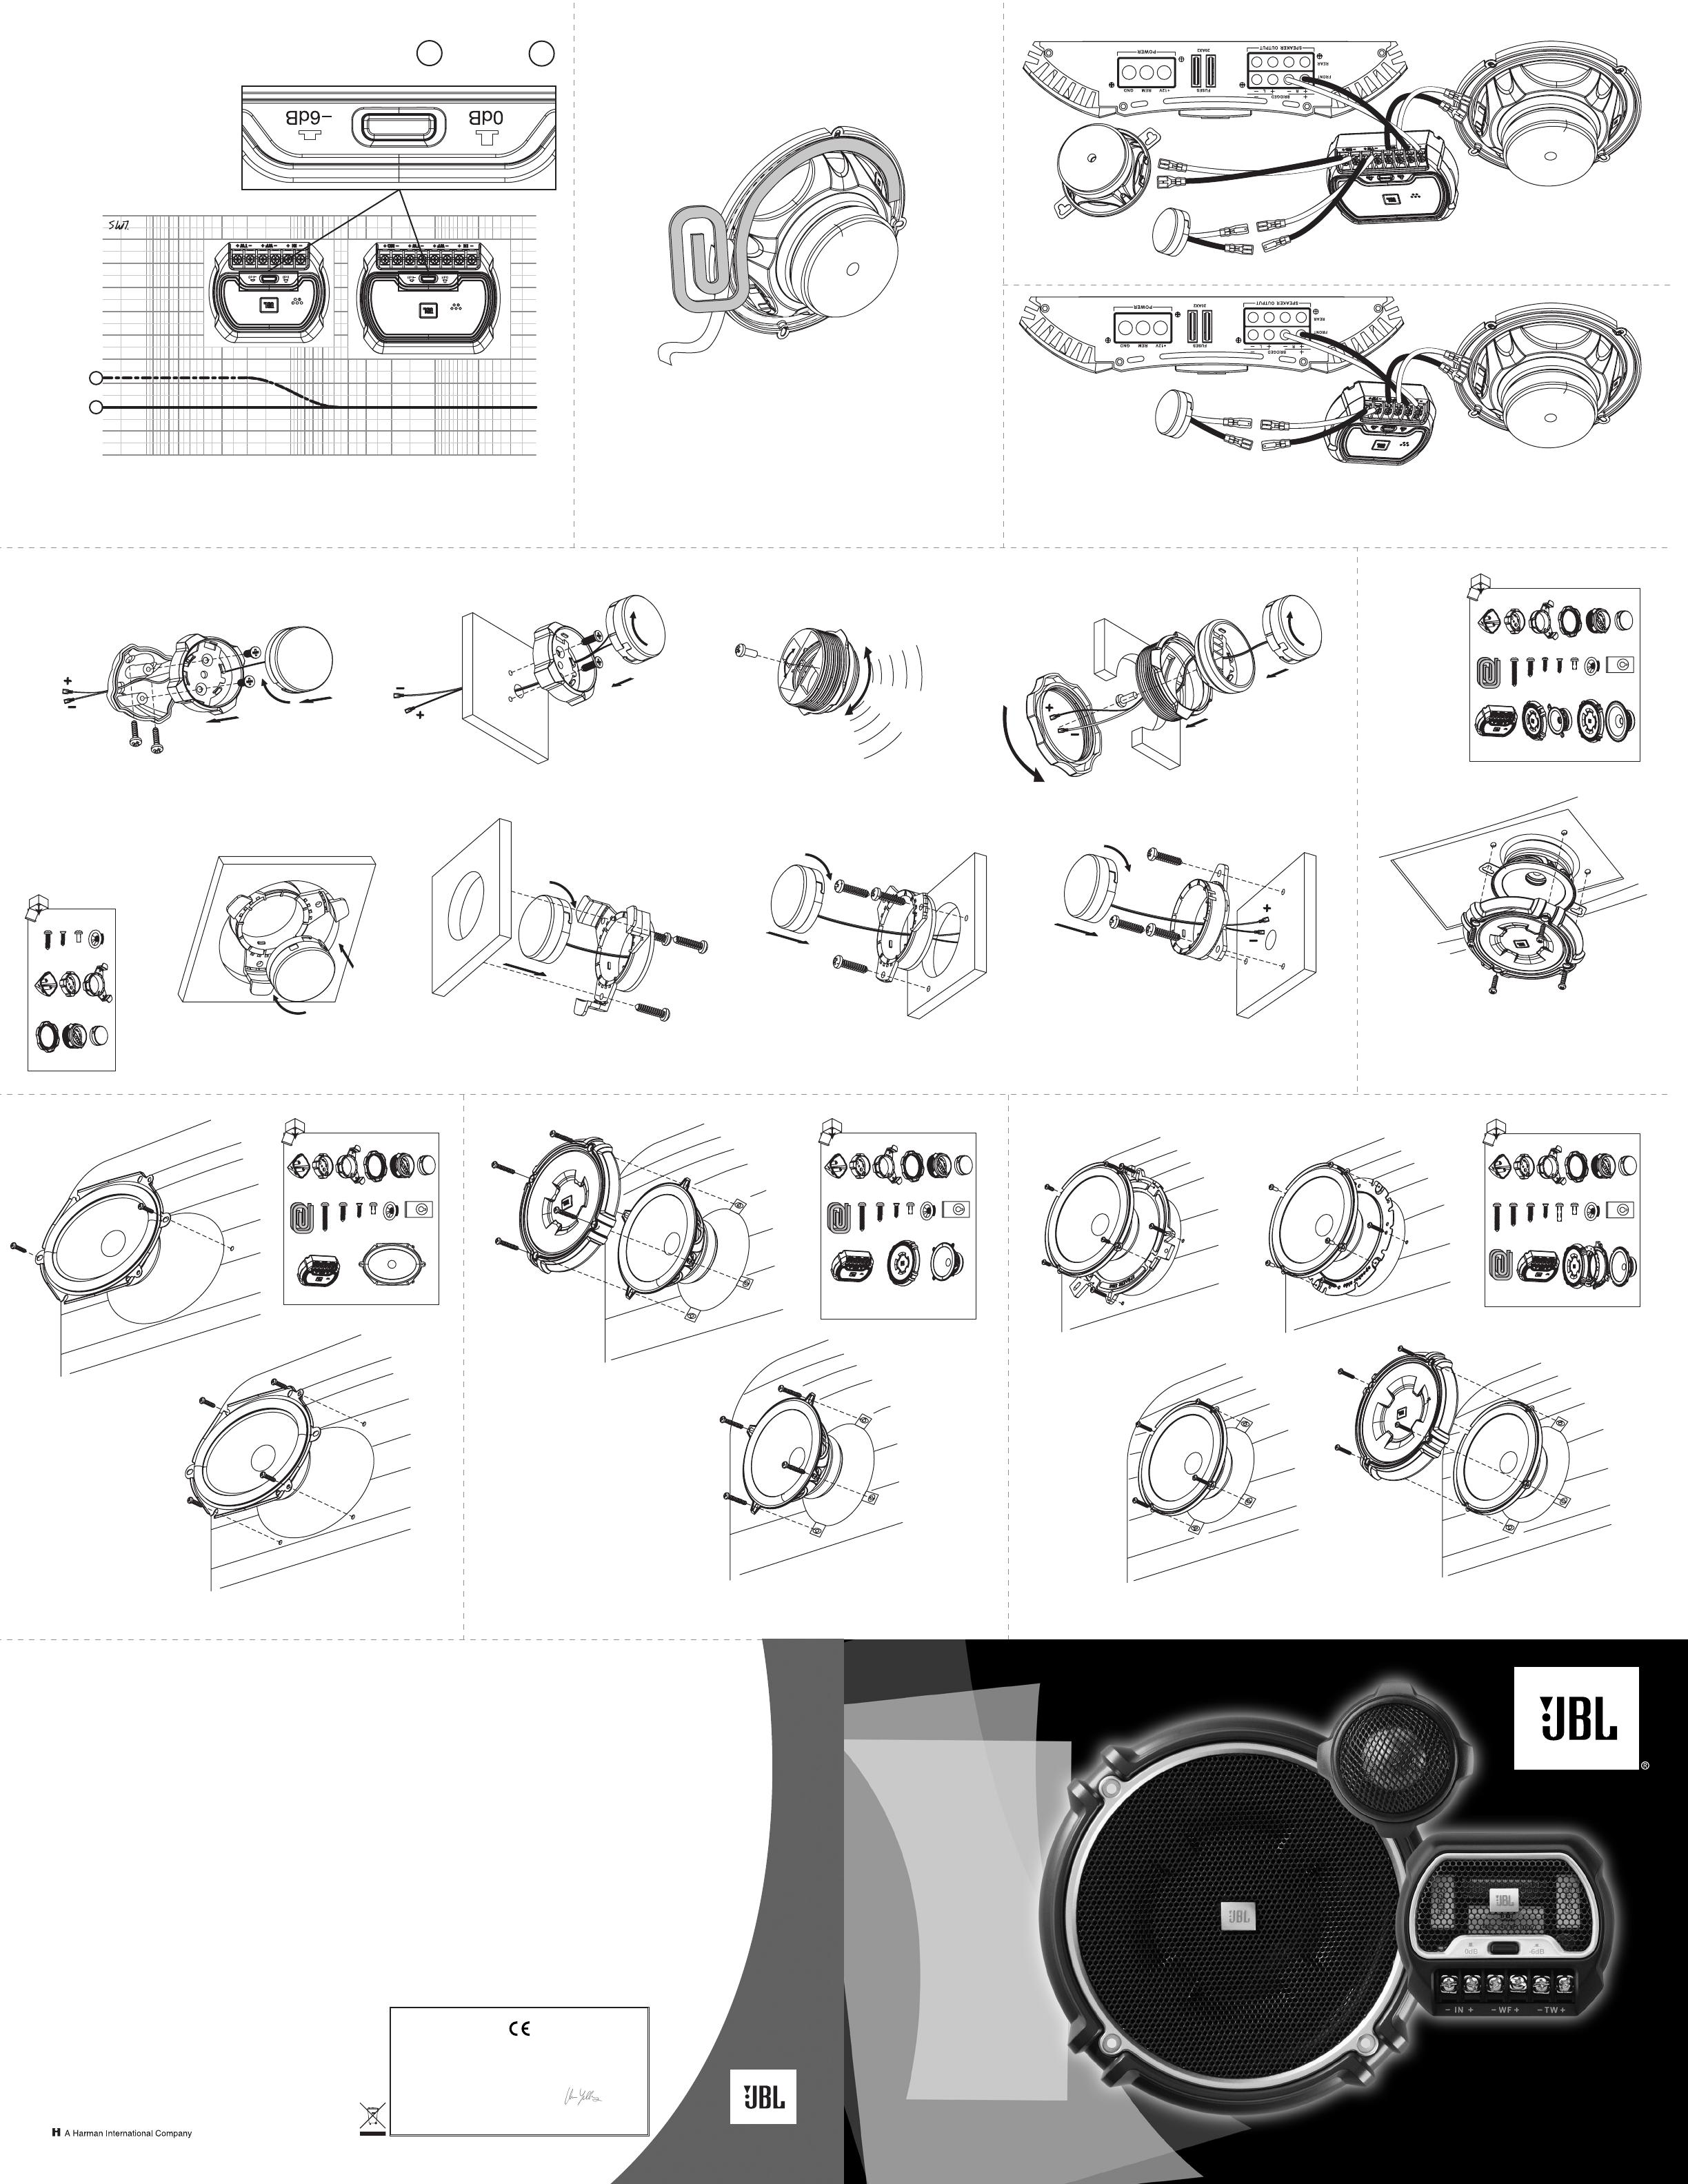 jbl speaker gto6508c user guide manualsonline com rh audio manualsonline com jbl xtreme owner manual jbl xtreme owner manual